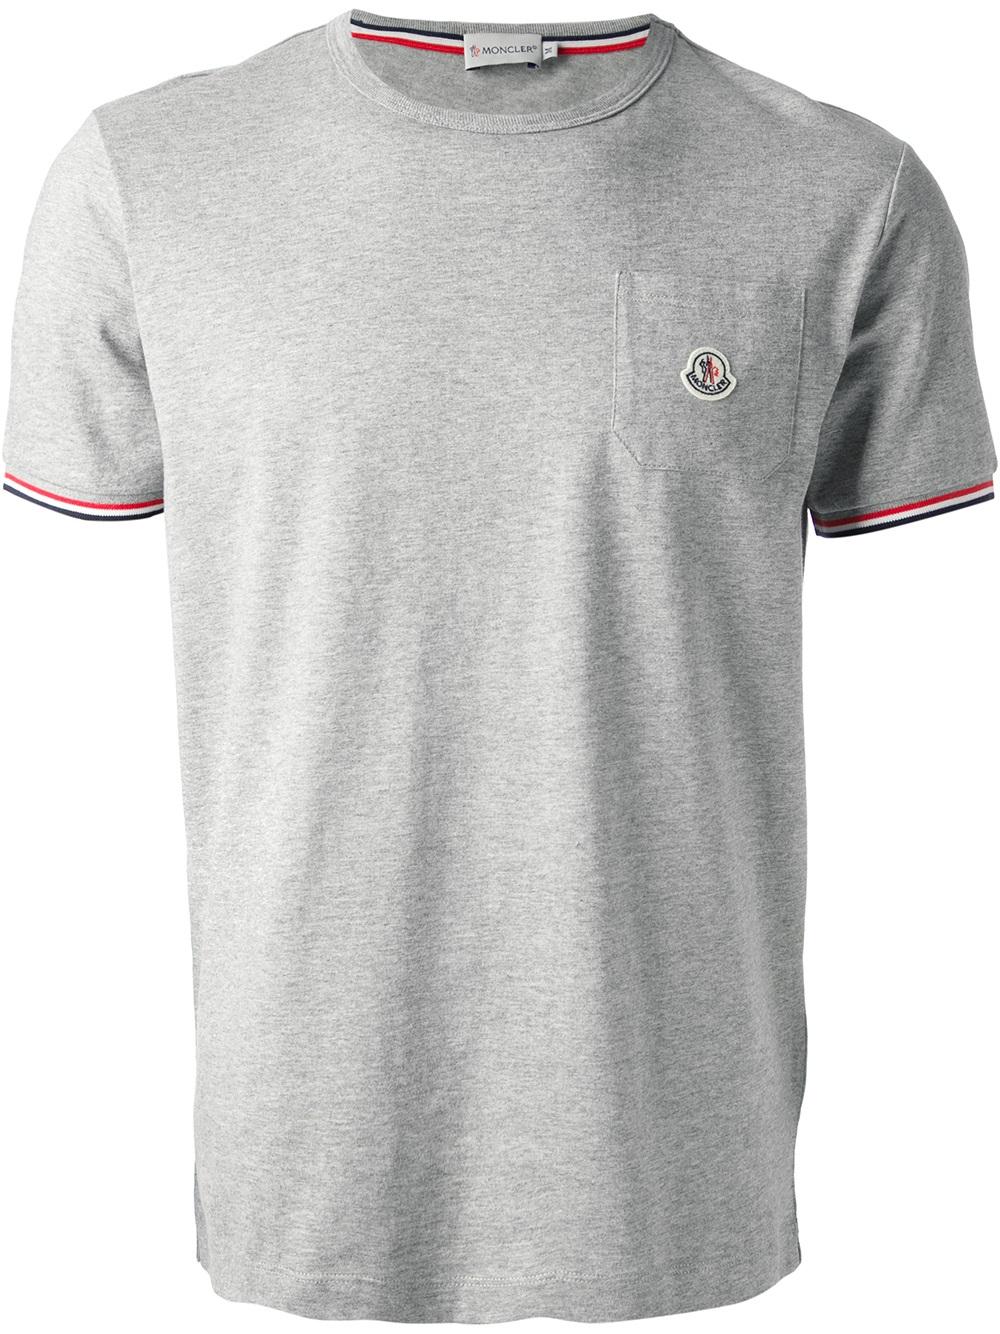 moncler tee shirt